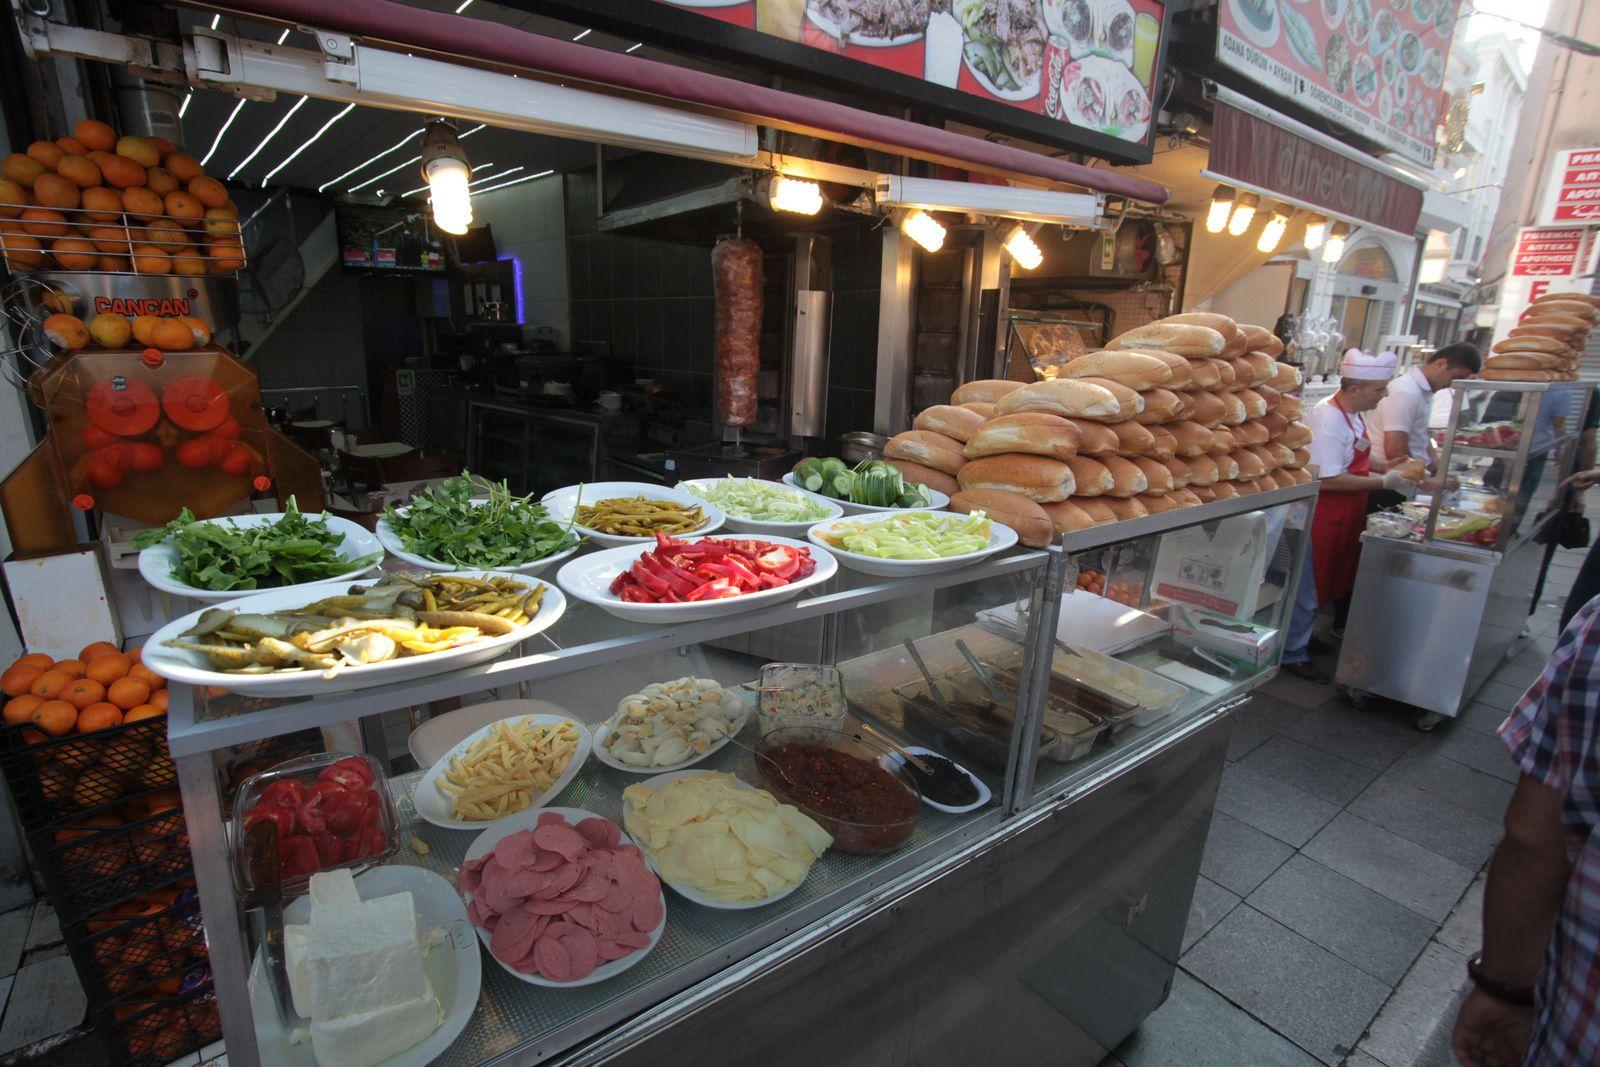 La Turquie, Istanbul, le Grand Bazar et des pommes en pleine poire.